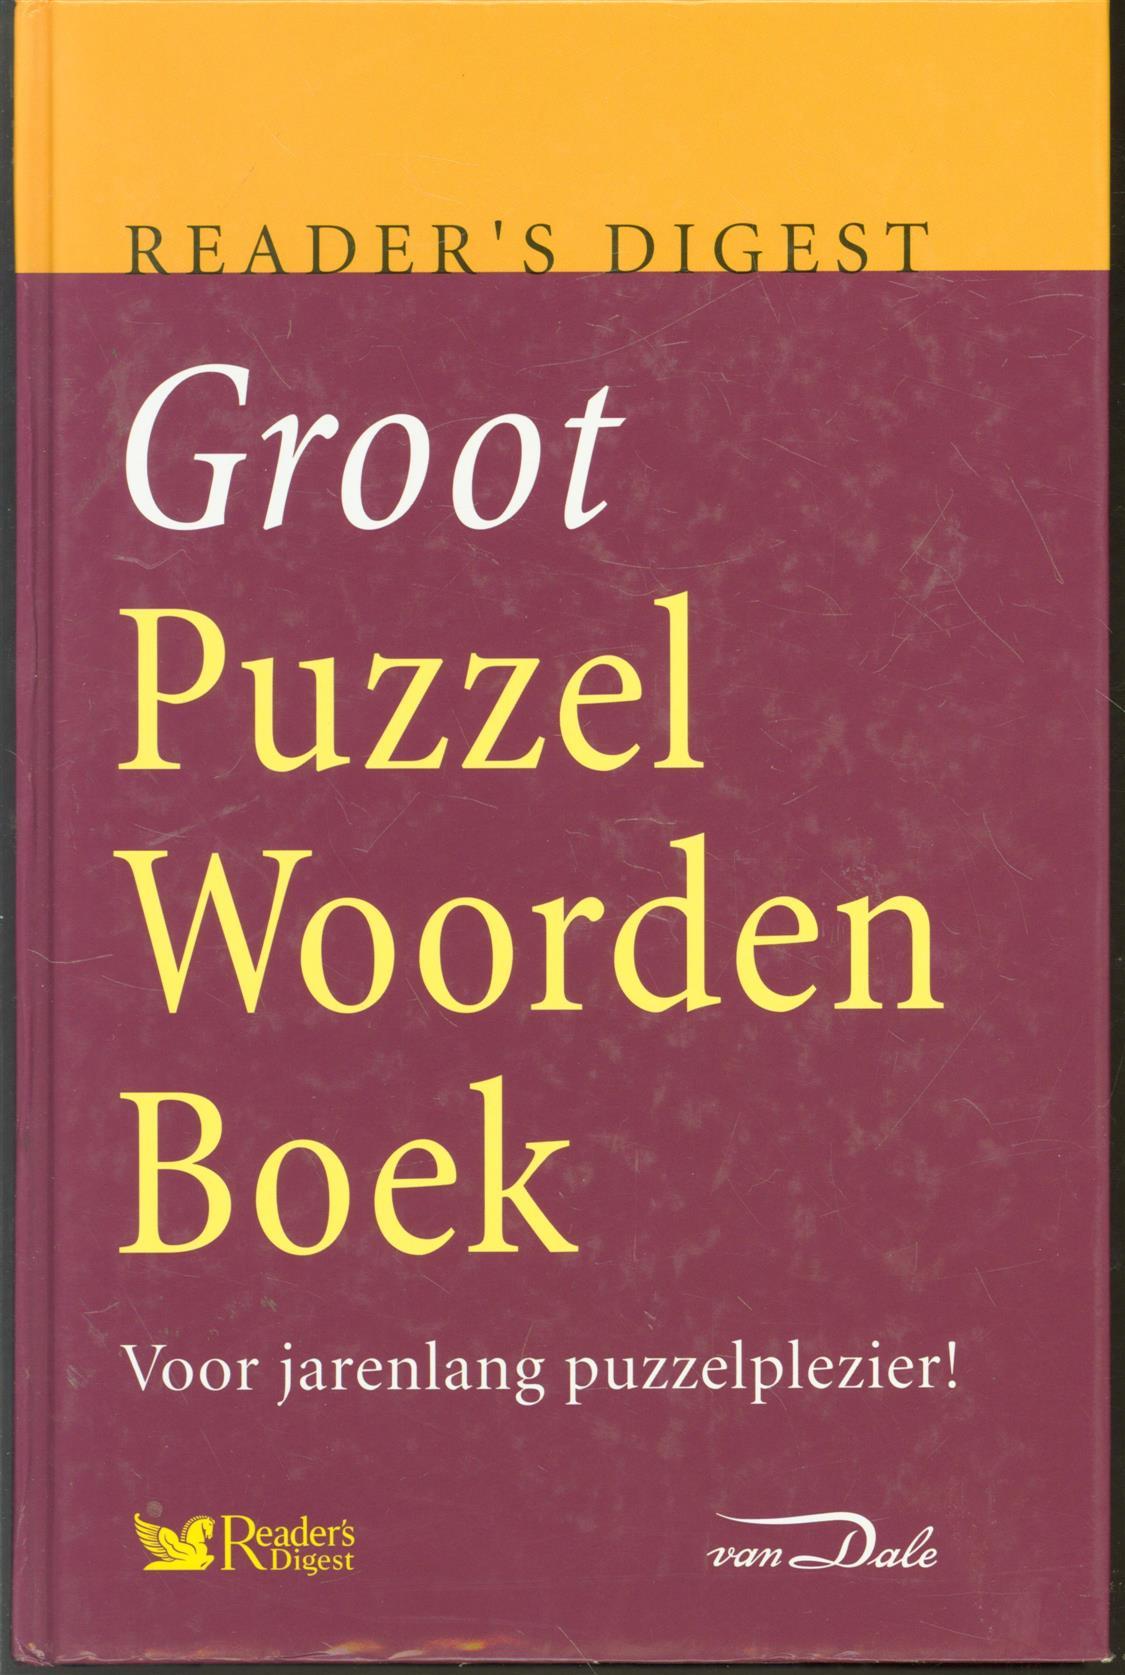 DR.H.J. VERSCHUYL., - Groot Puzzelwoordenboek. Voor jarenlang puzzelplezier!